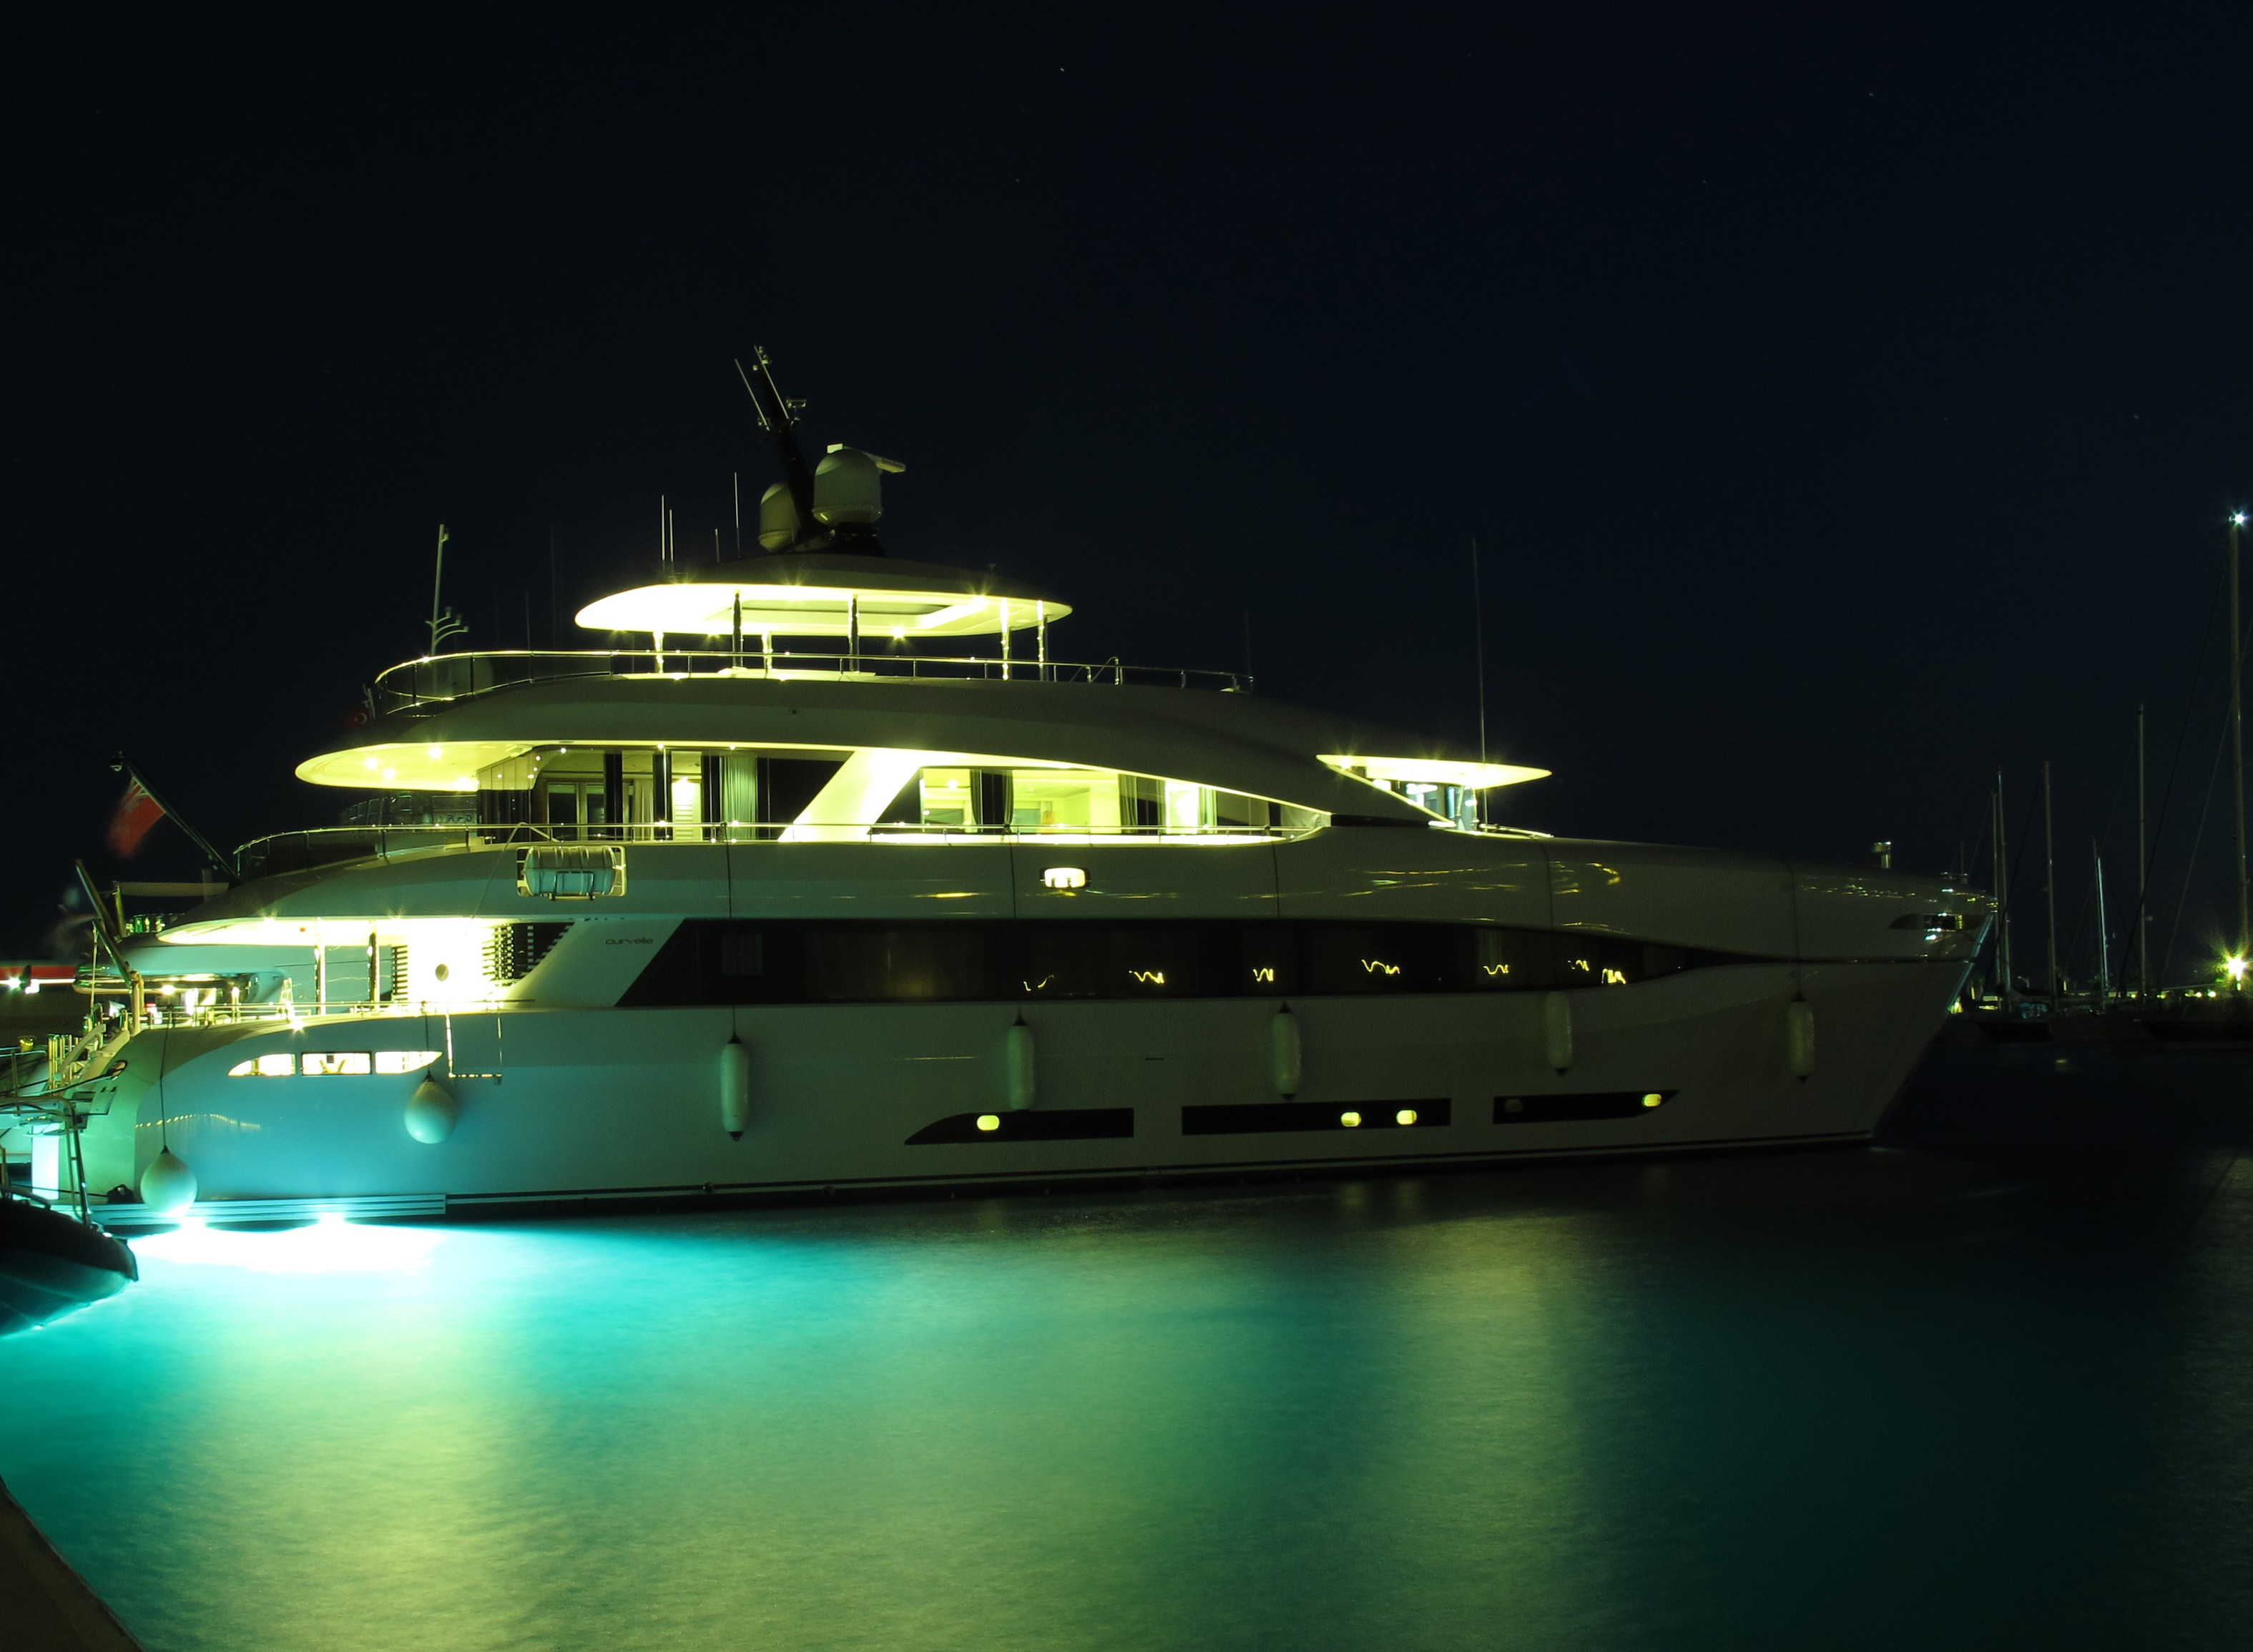 The 34m Yacht QUARANTA